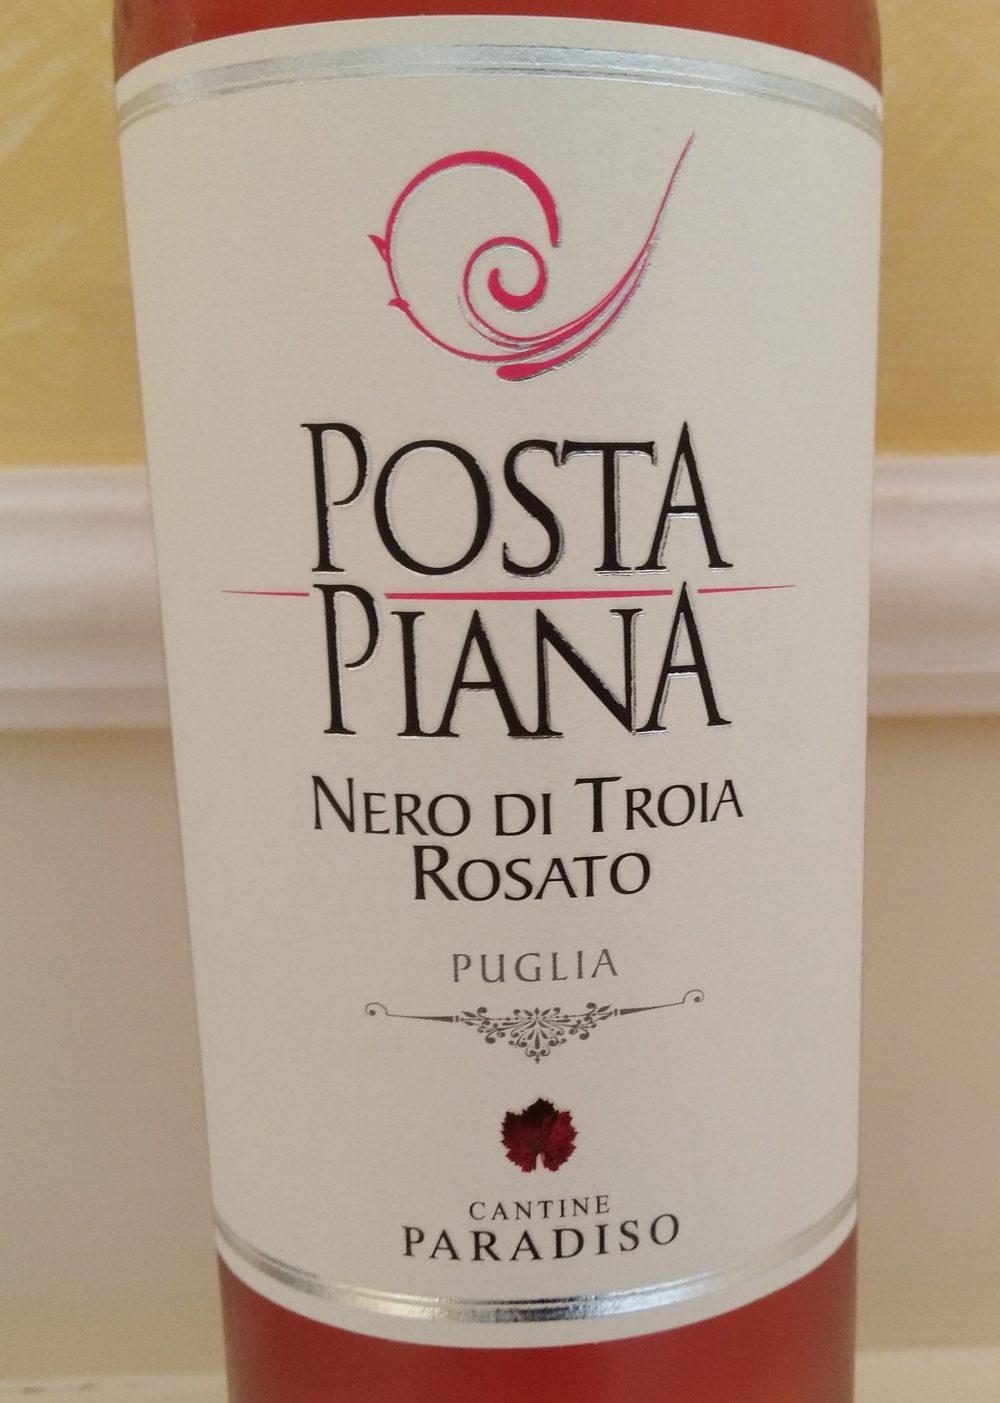 Posta Piana Nero di Troia Rosato Puglia Igp 2017 Cantine Paradiso